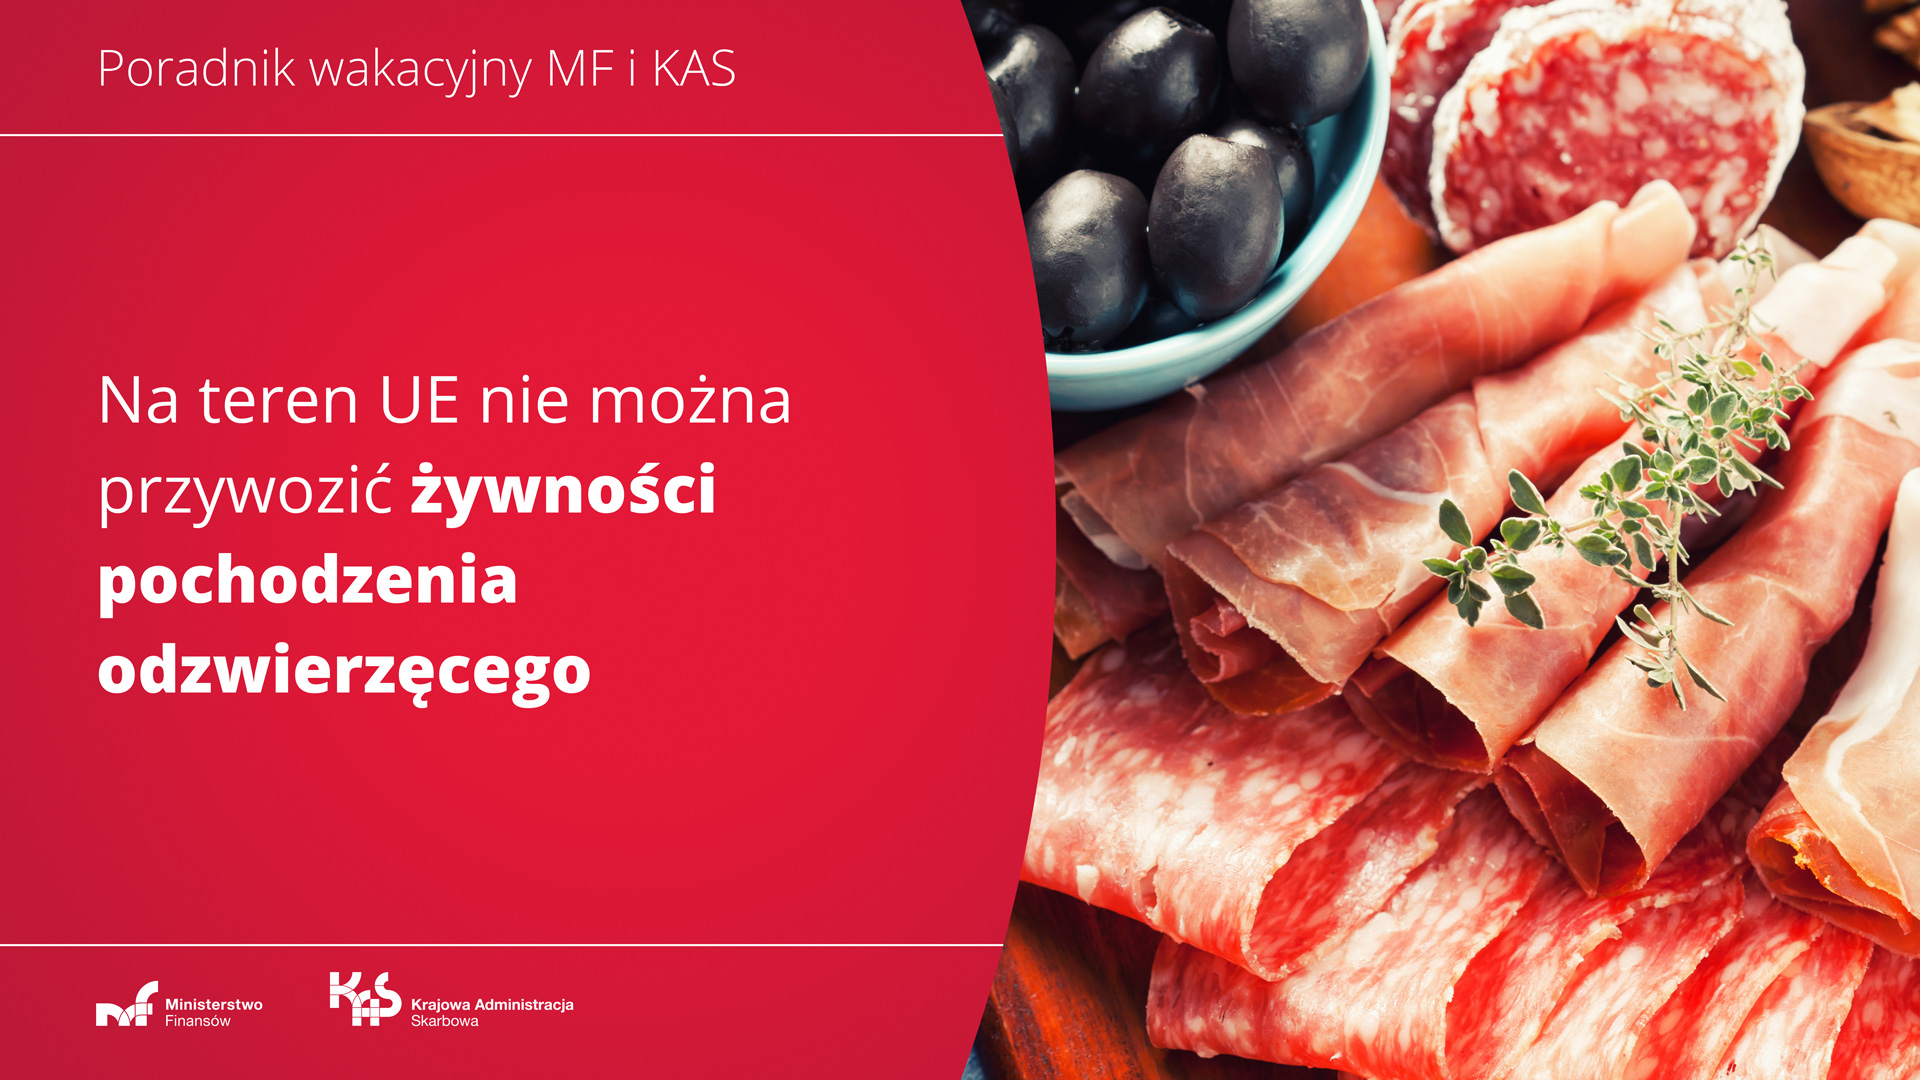 Wędlina. Napis: Na teren UE nie można przywozić żywności pochodzenia odzwierzęcego.